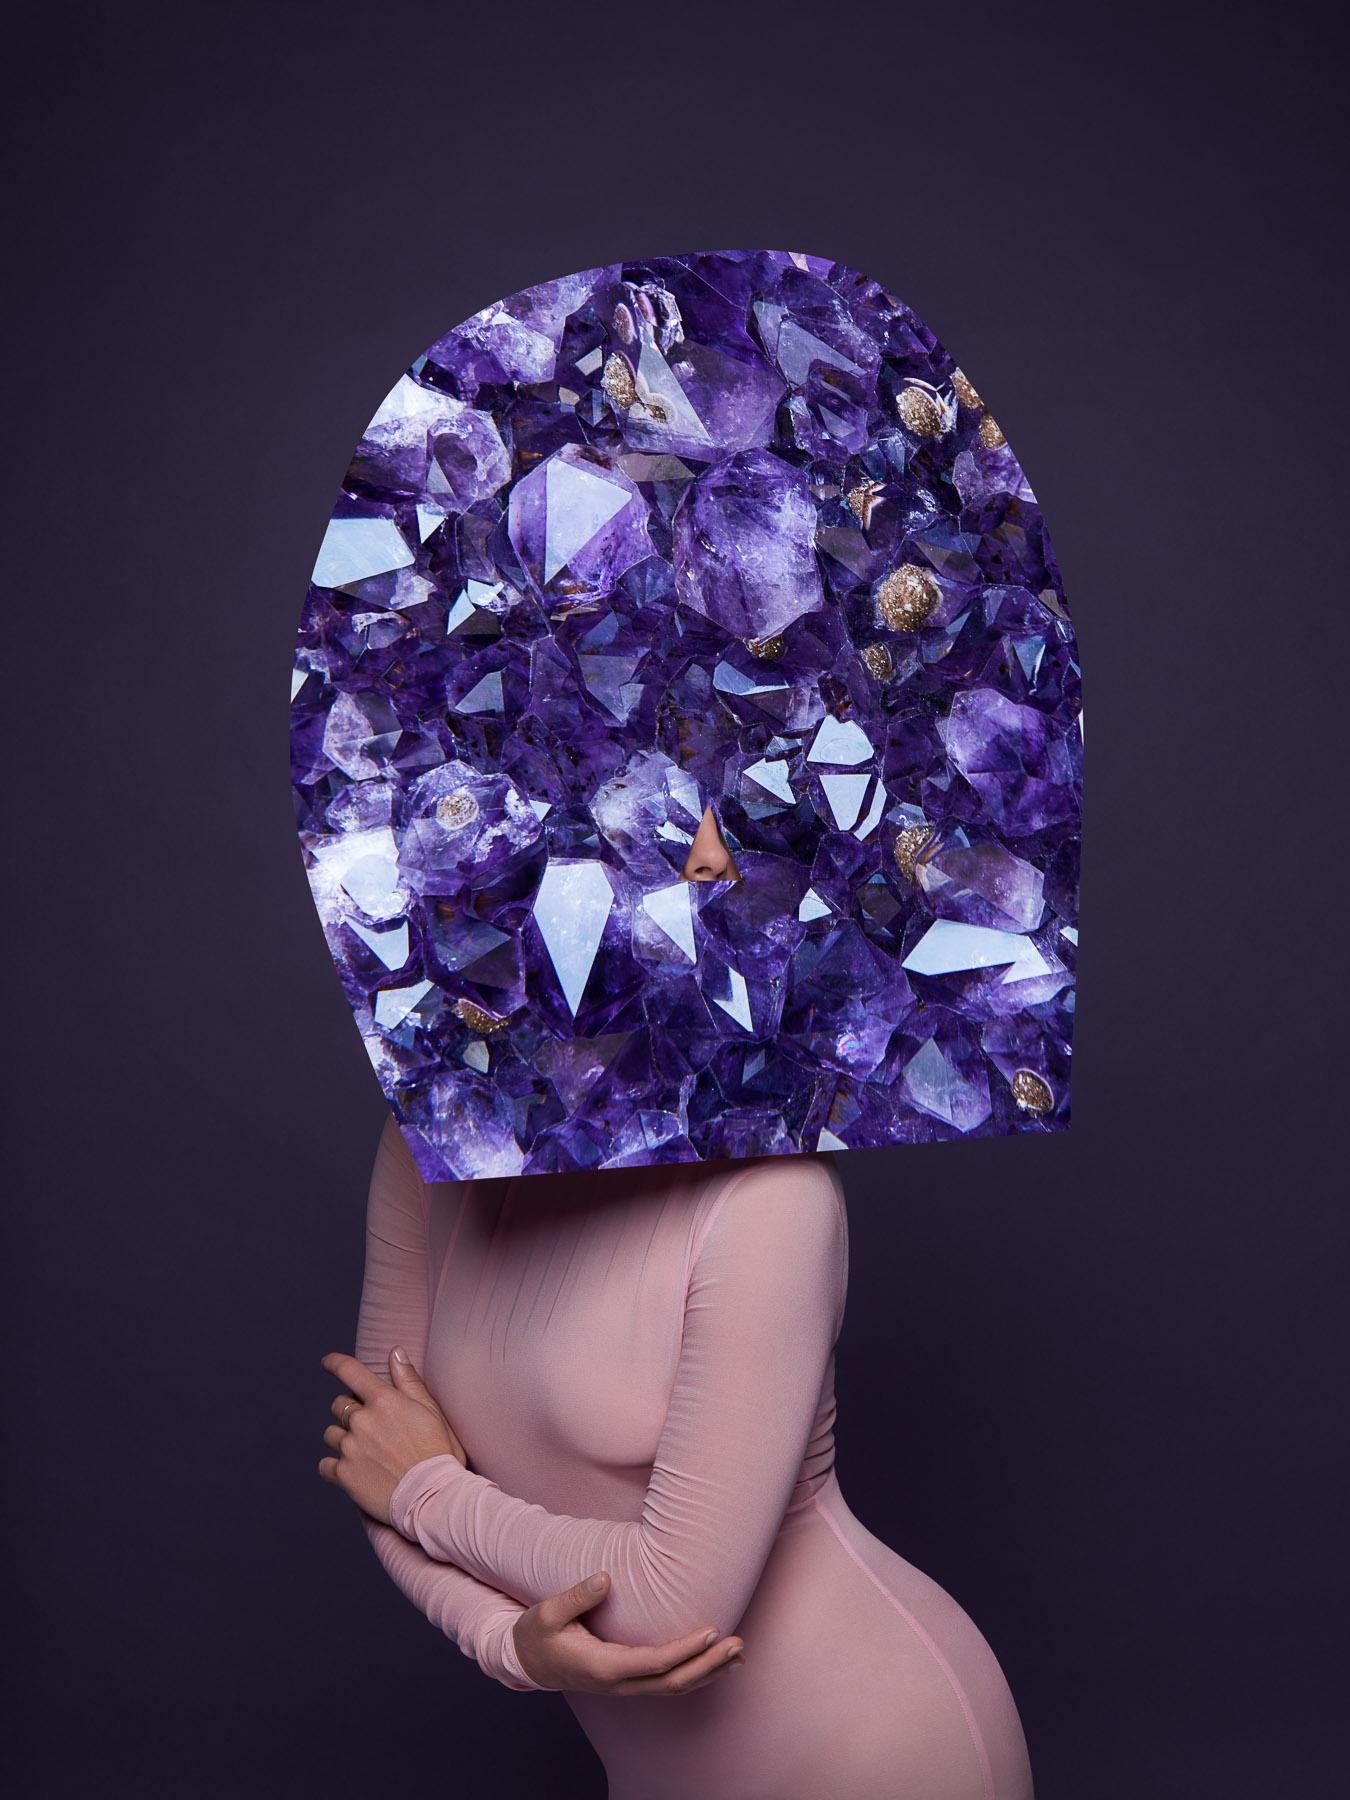 Isabelle_Chapuis-Alexis_Pichot-Grand_Musee_du_Parfum-1